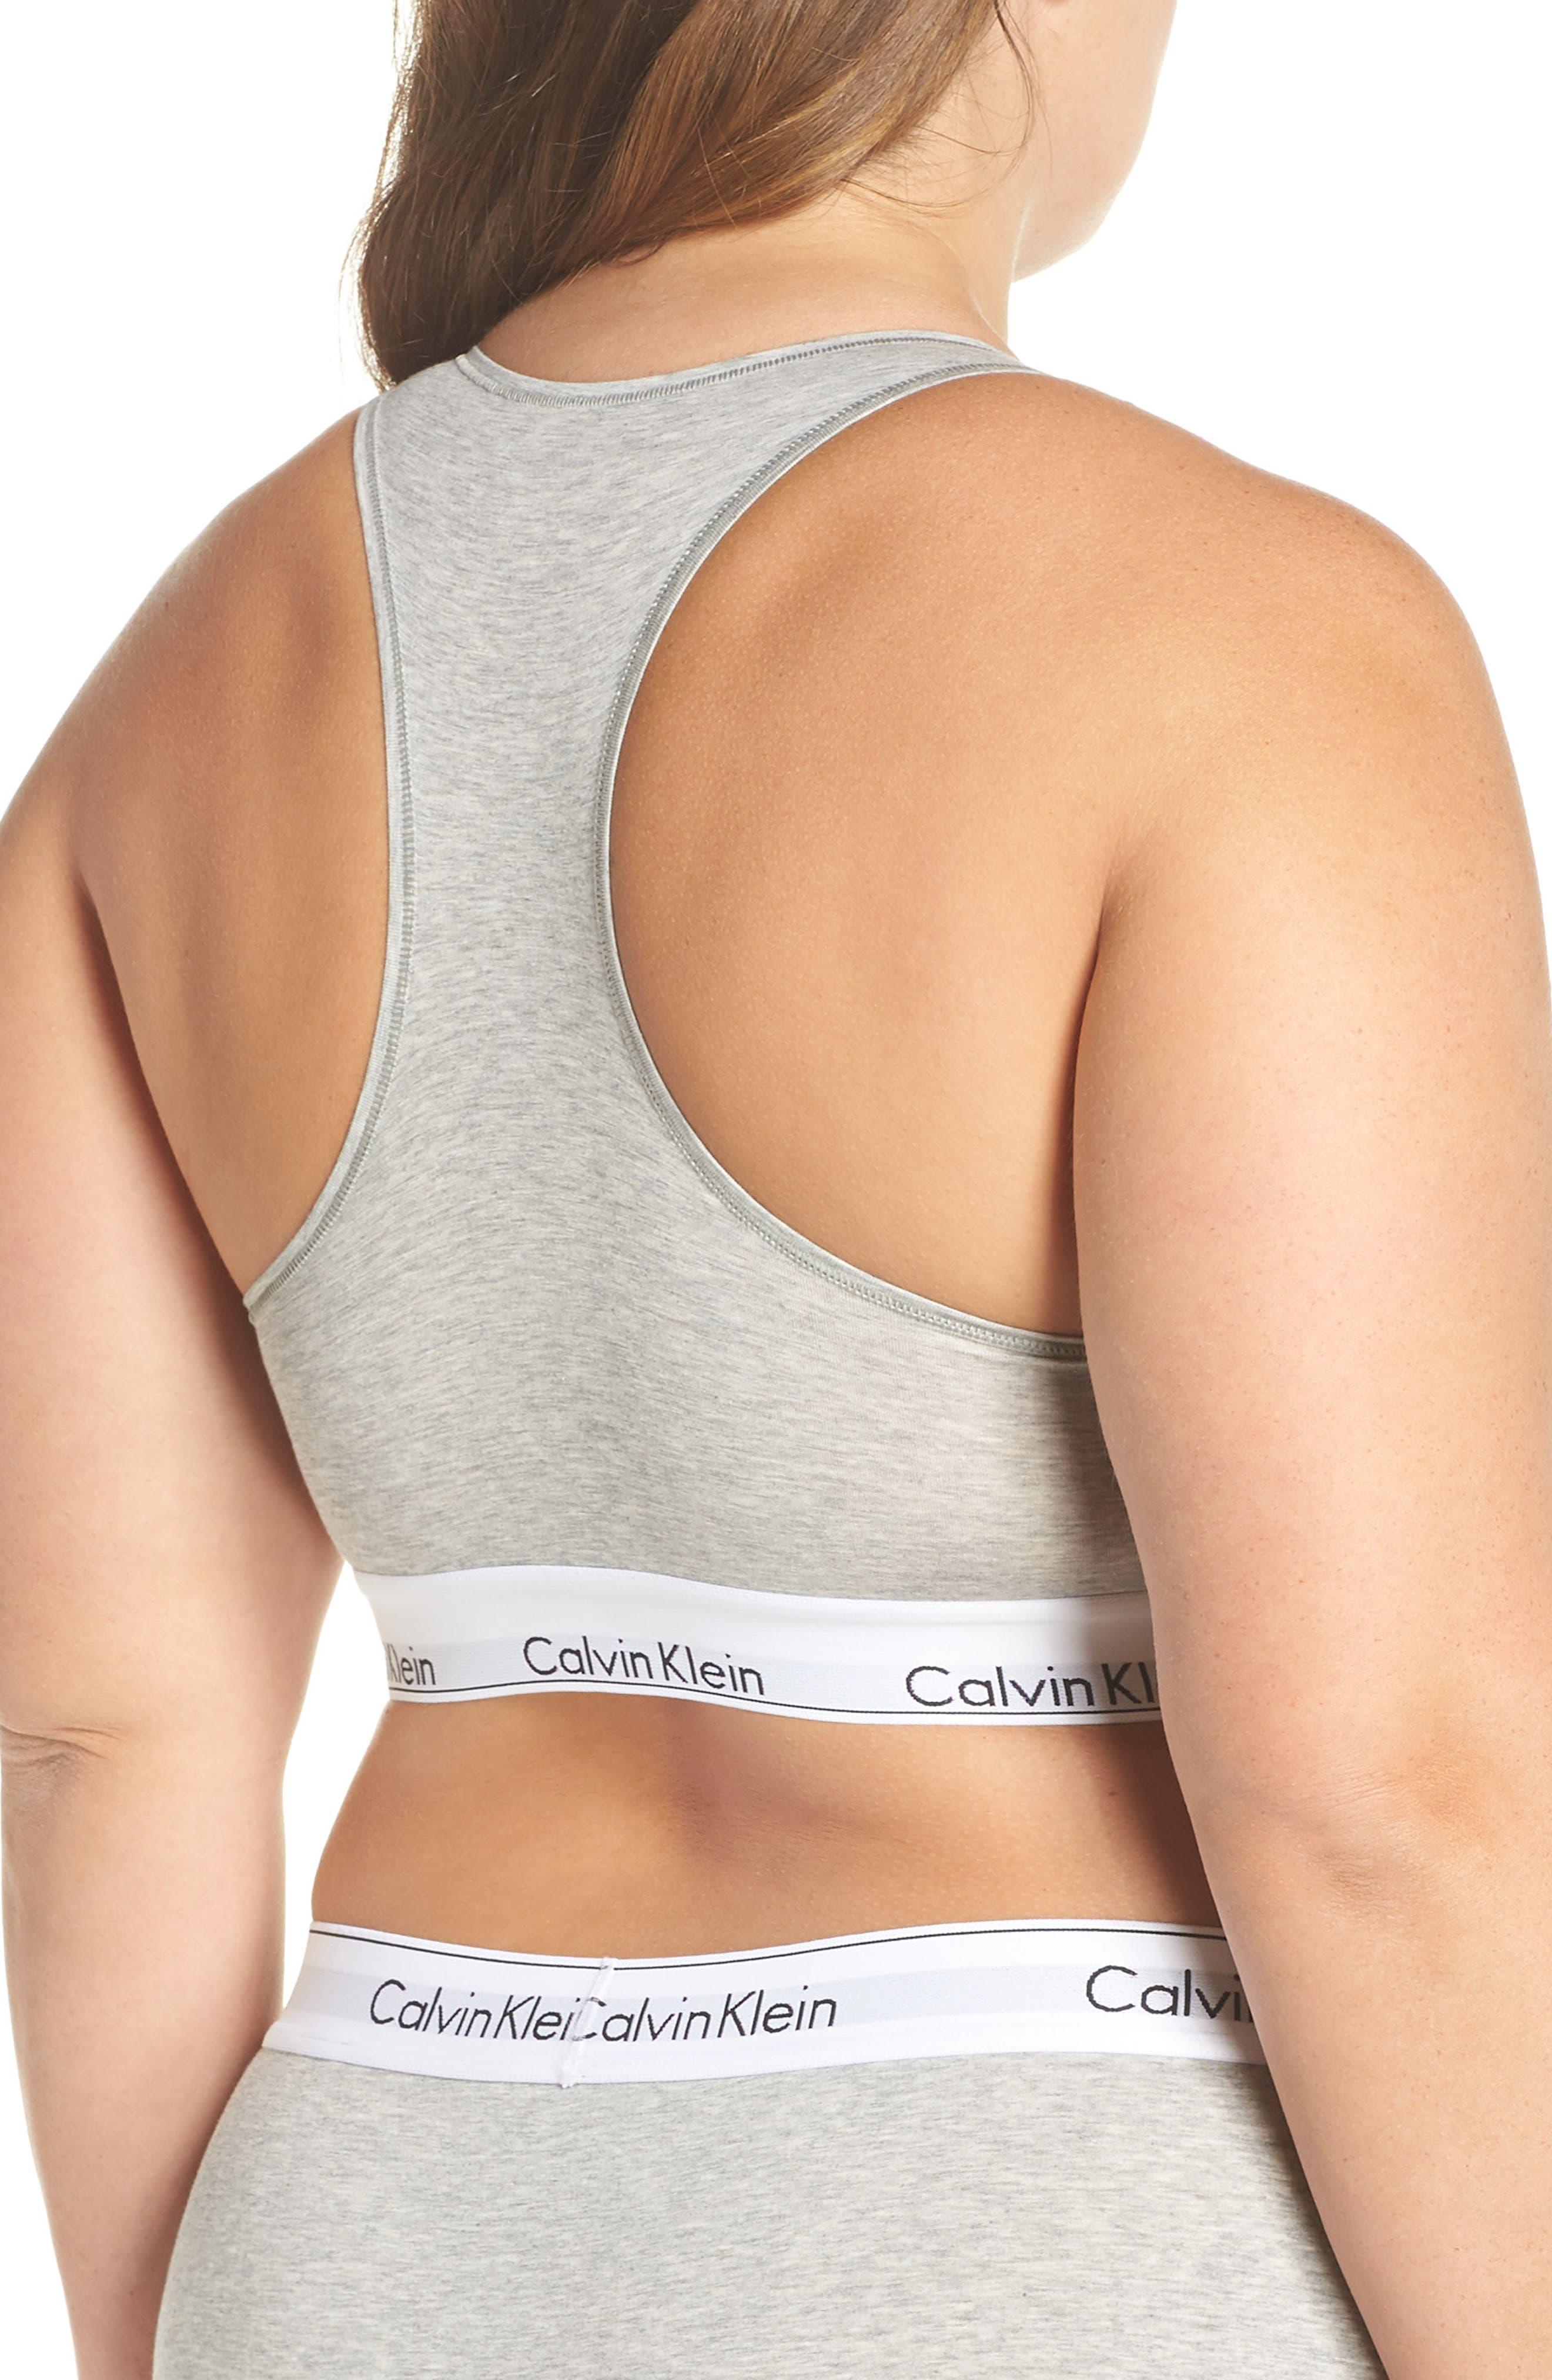 6d0f5abcd69 Women s Calvin Klein Bras